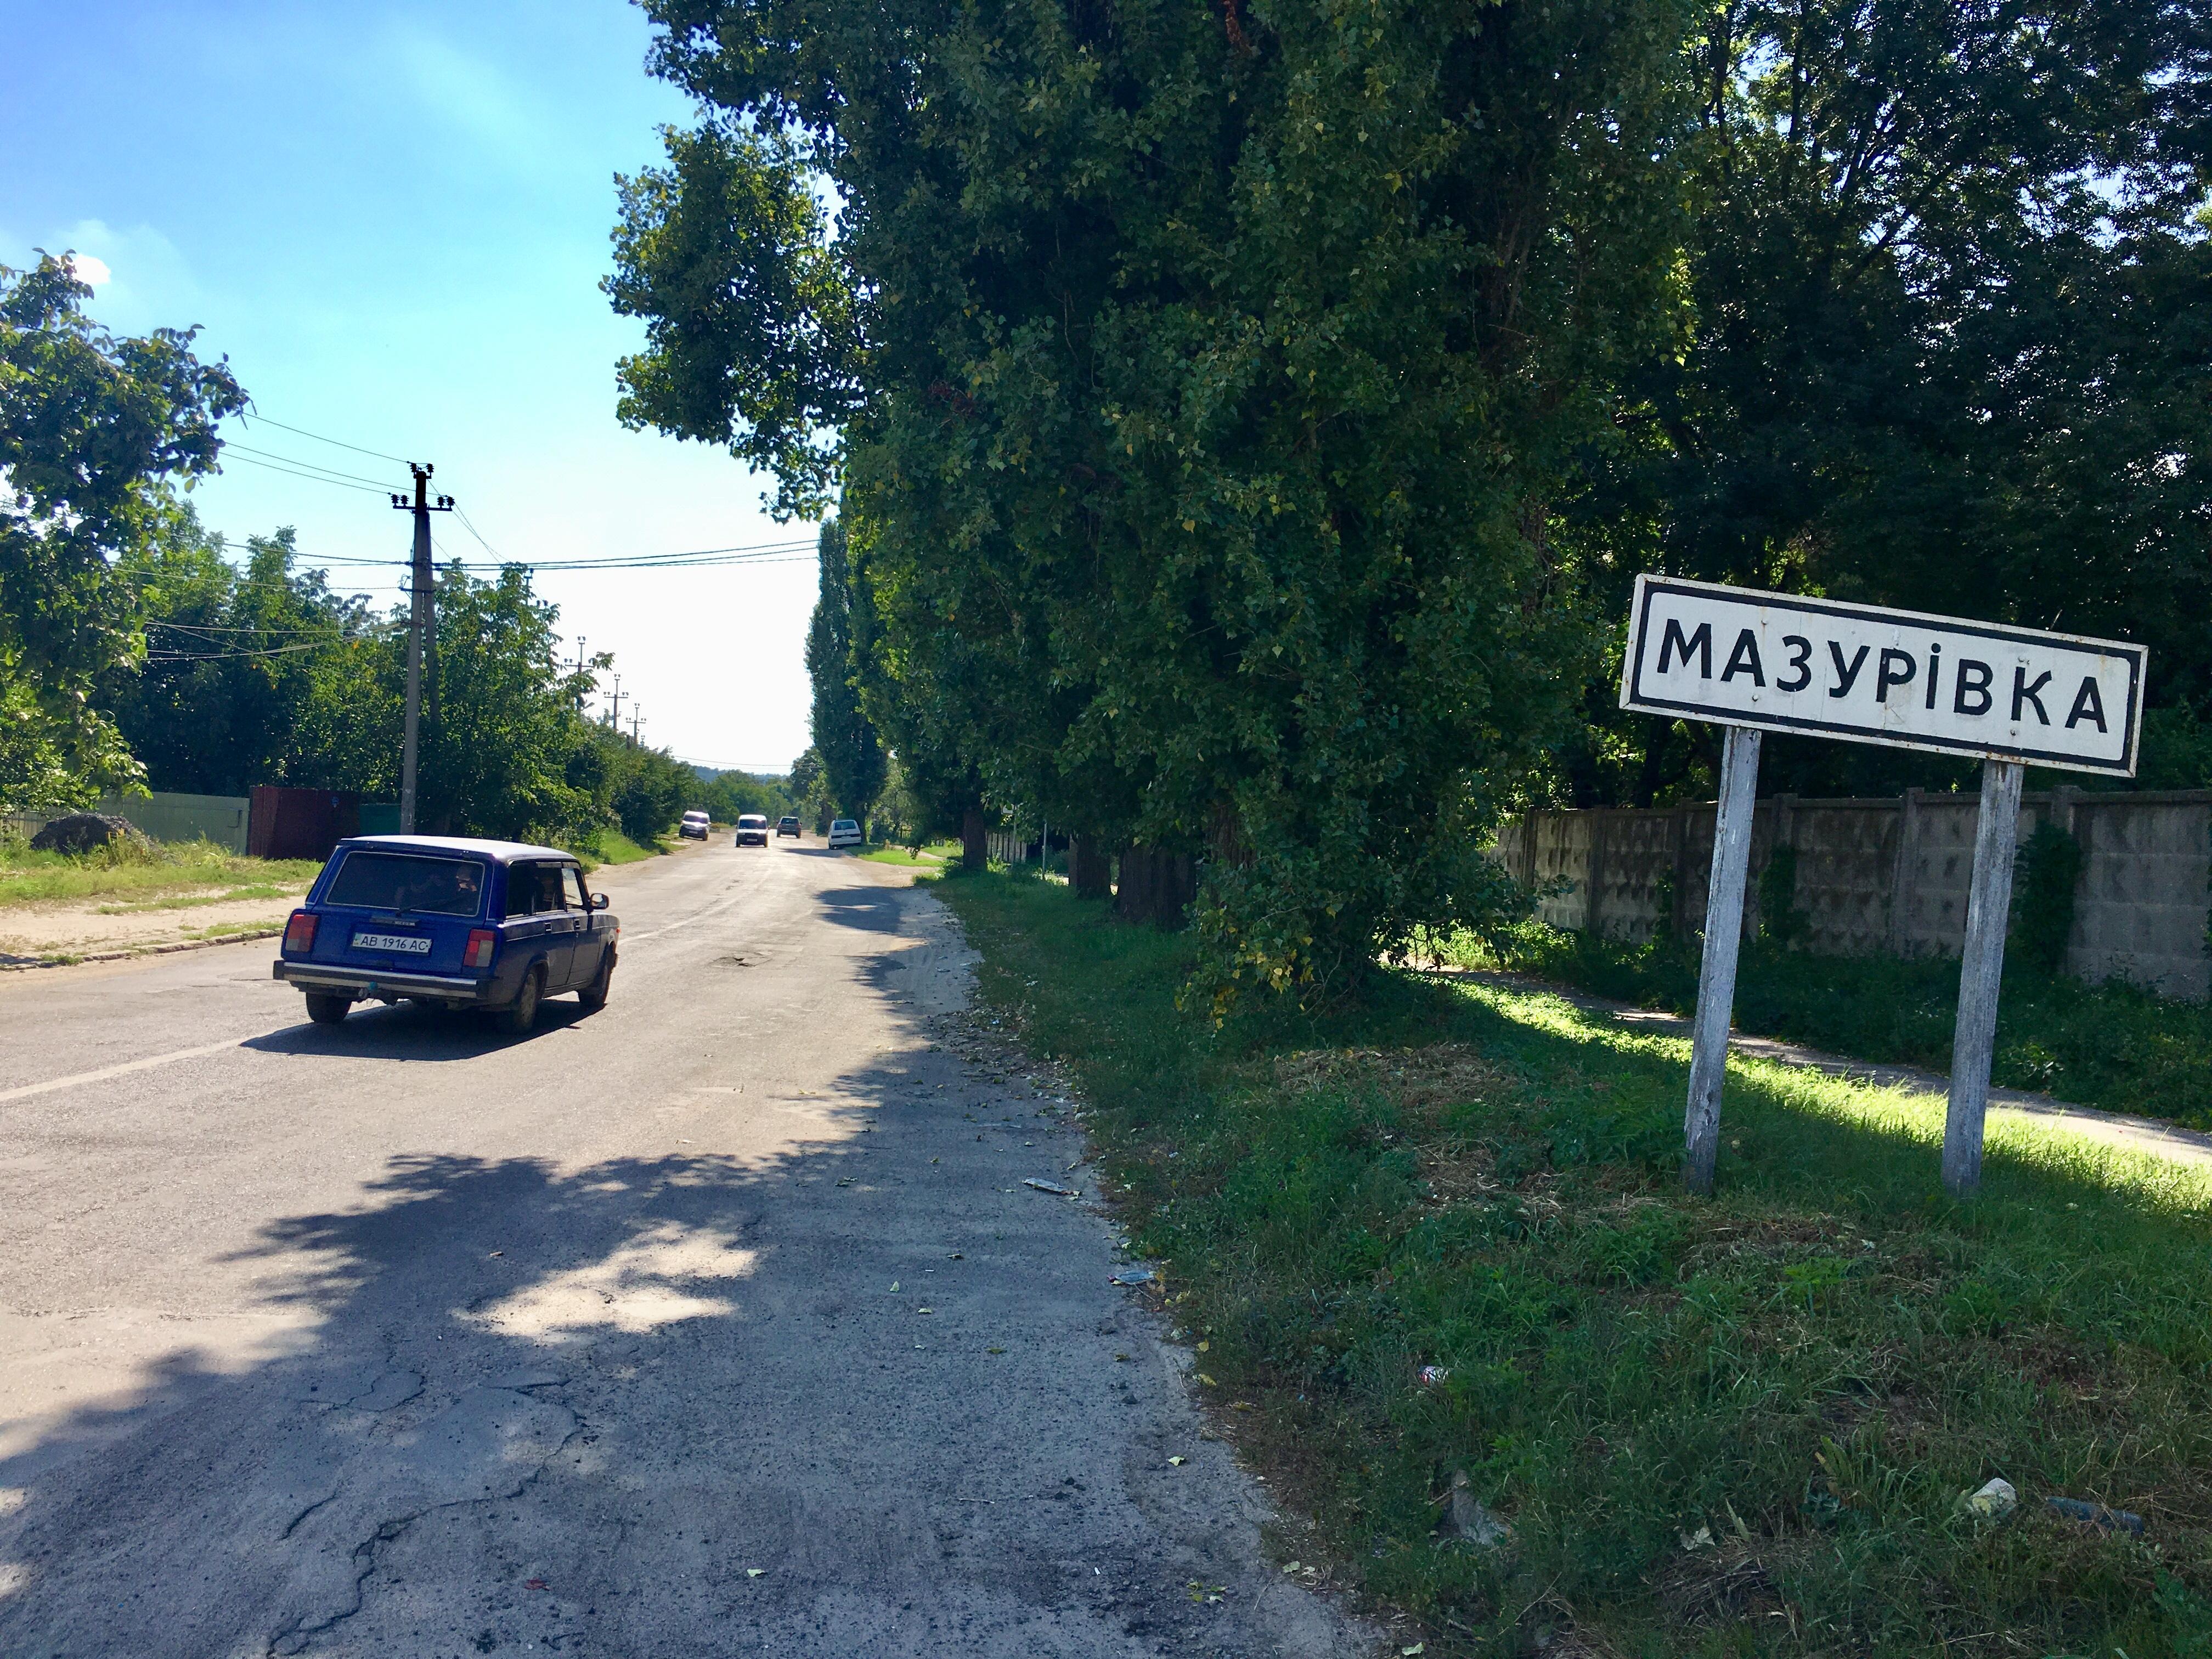 Ukraina autostopem! Dzień ostatni: na granicy nocy i dnia. Kilka liczb na koniec 3